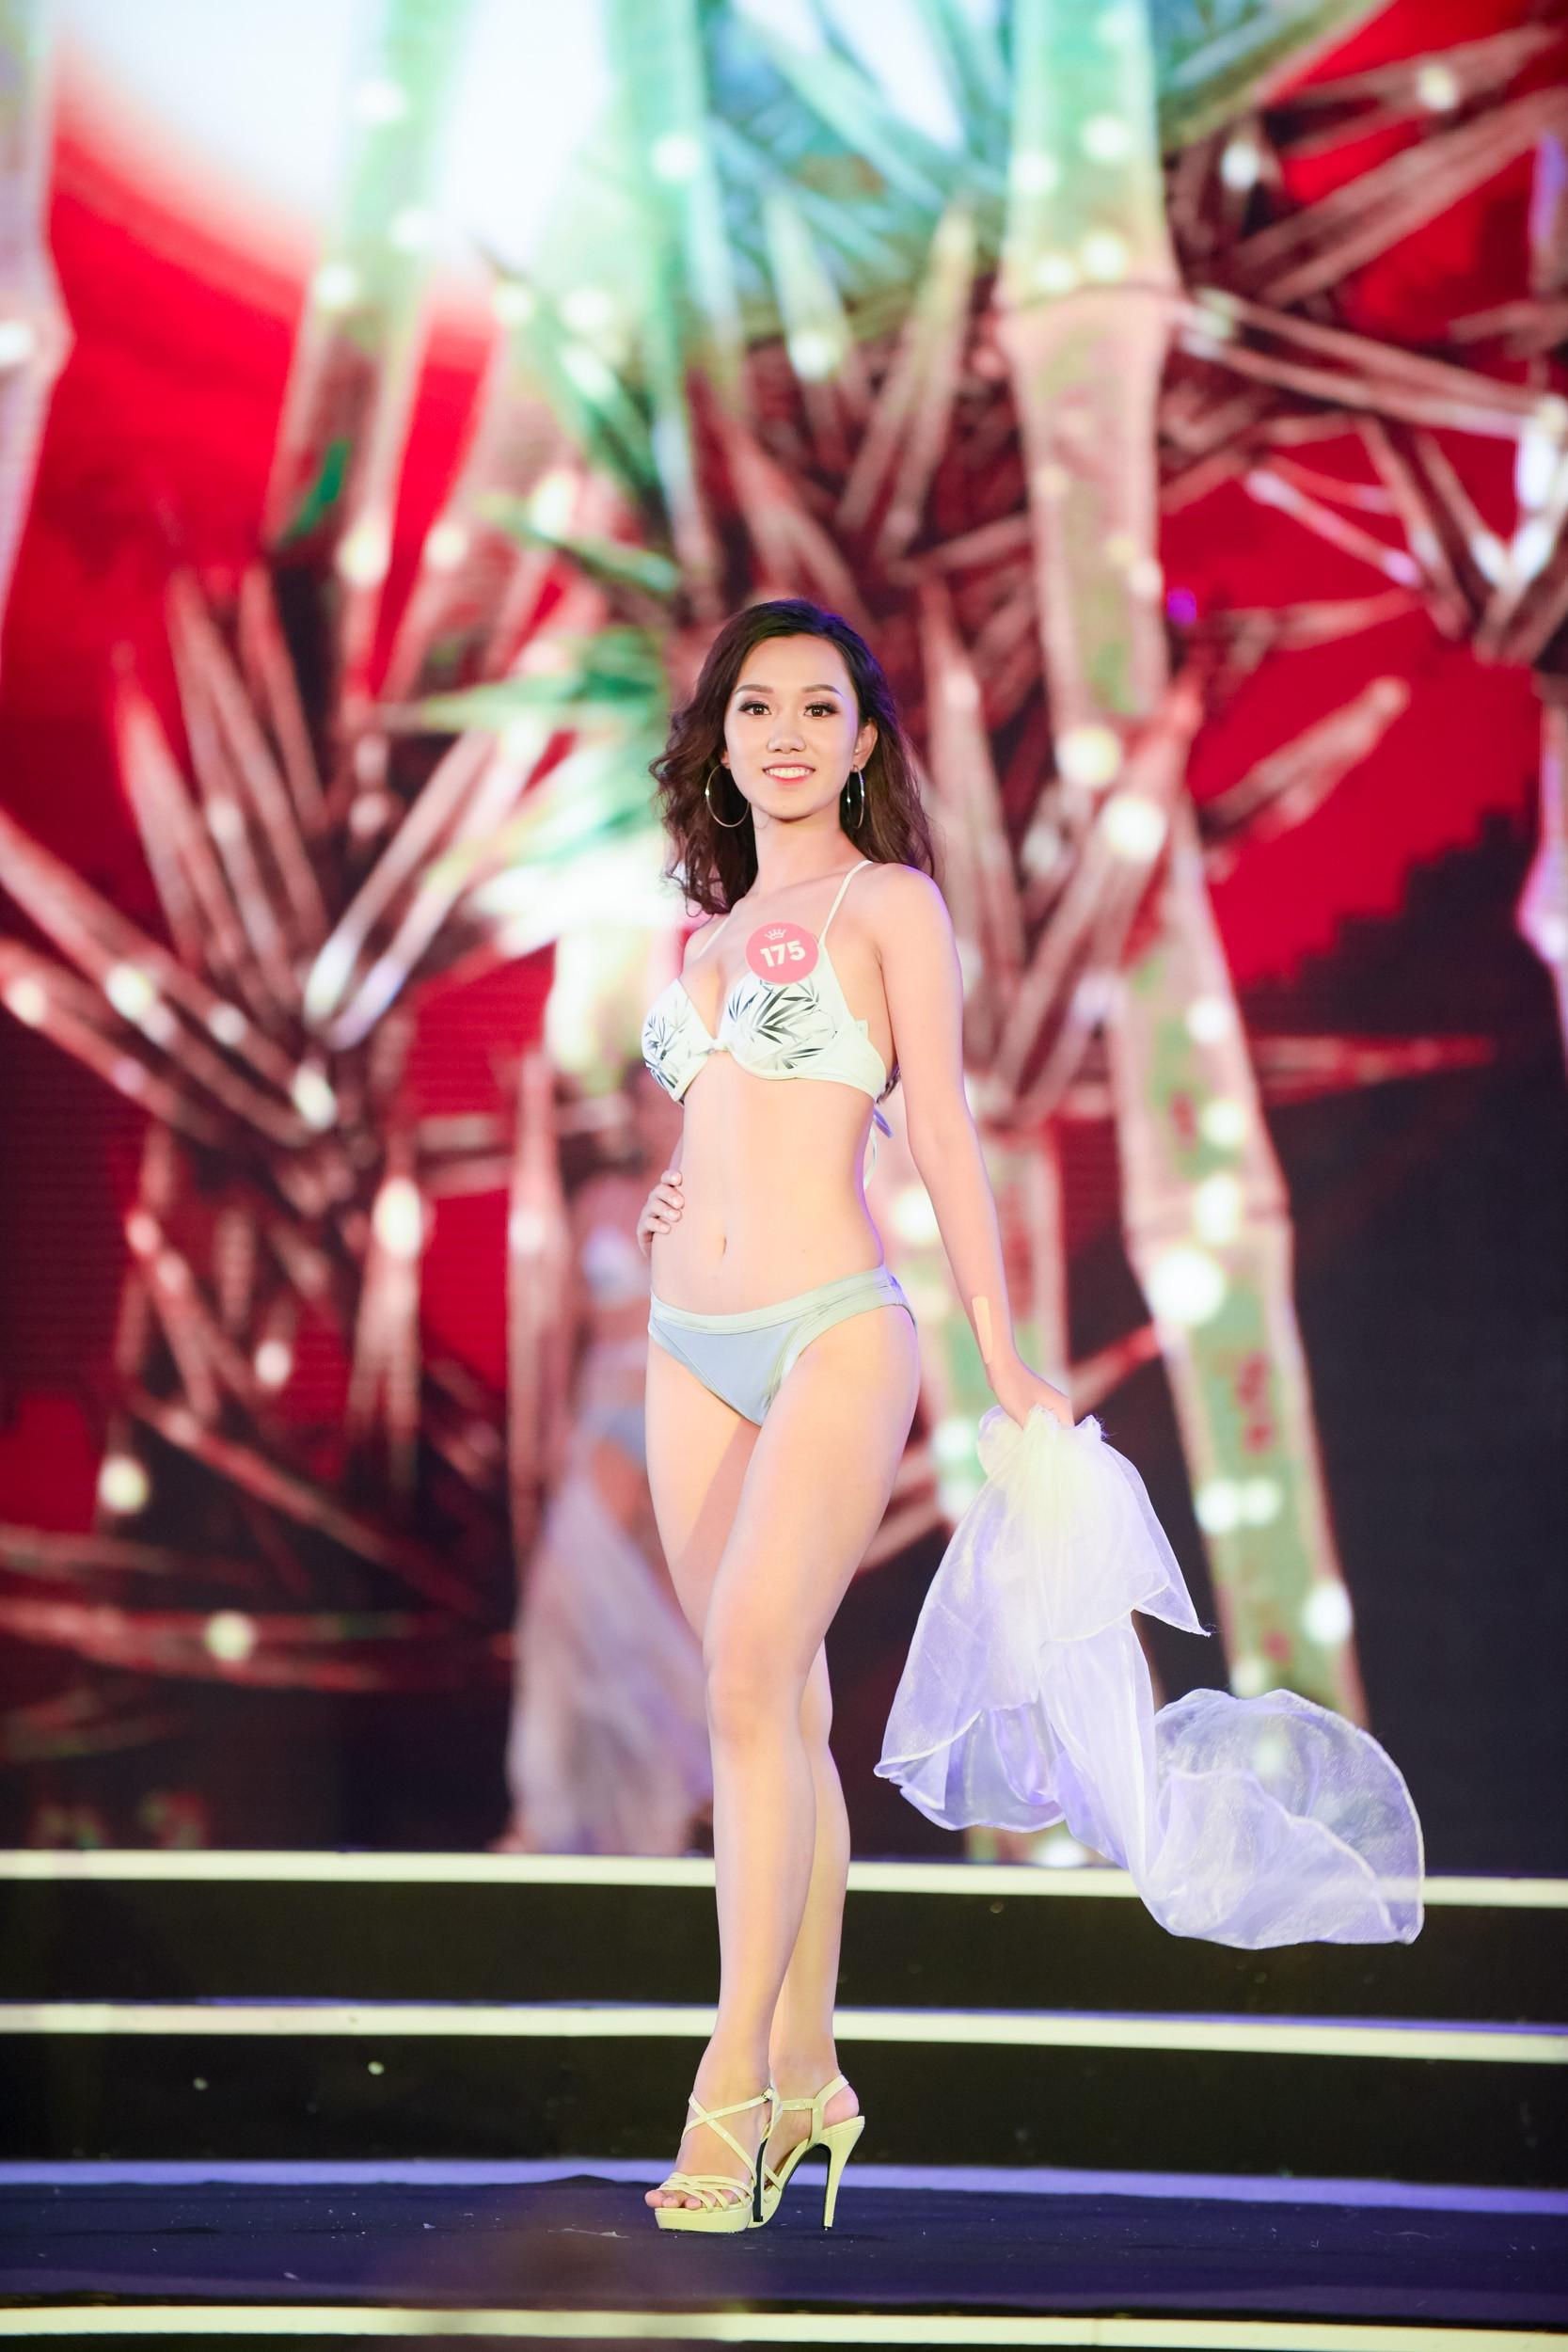 Cập nhật: 38 người đẹp phía Bắc của Hoa hậu Việt Nam tự tin trình diễn bikini, khoe hình thể nóng bỏng - Ảnh 8.